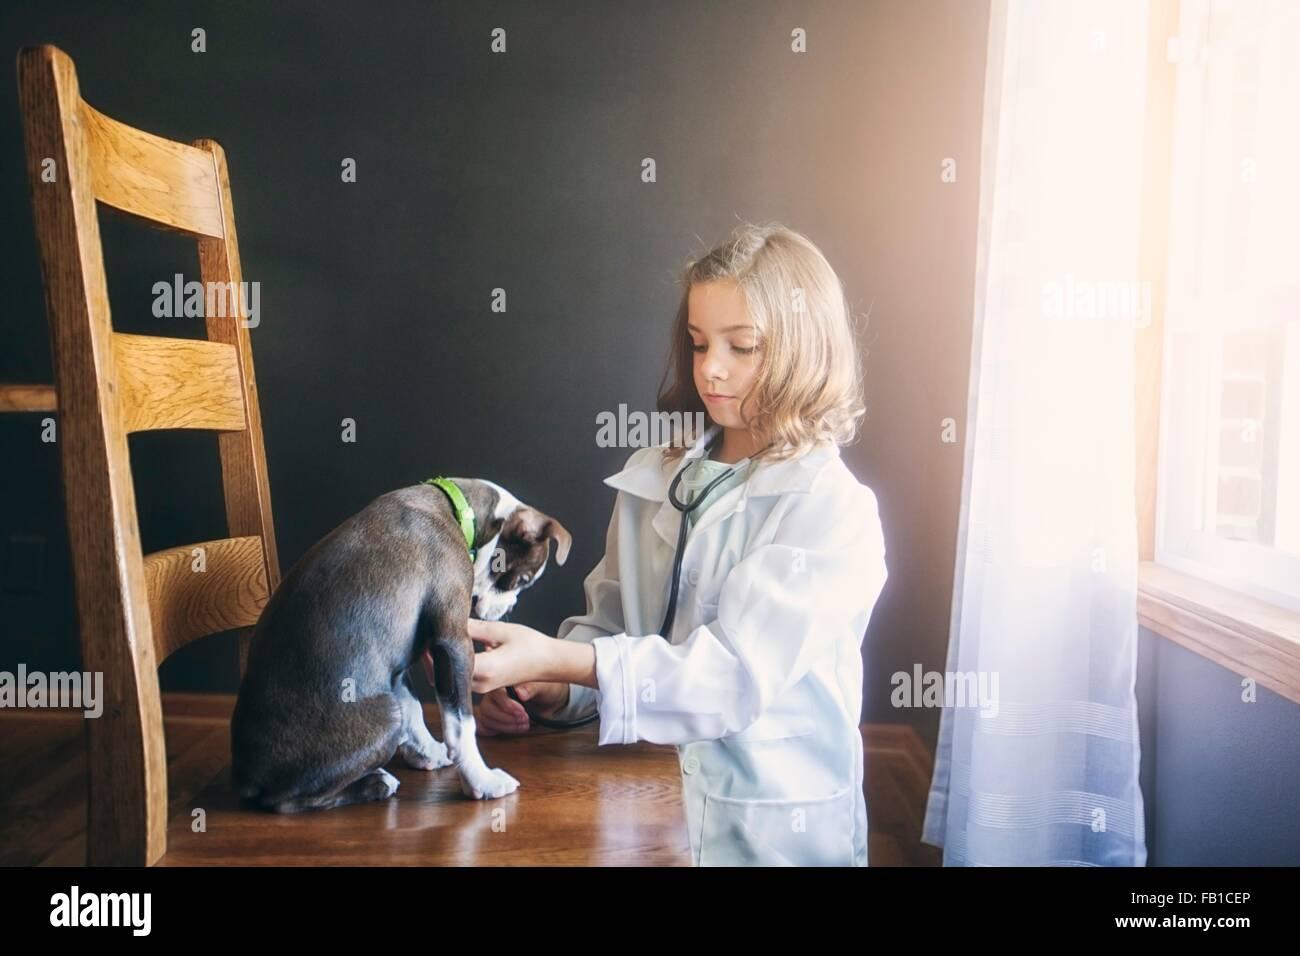 Fille habillé en médecin agenouillé tendant à Boston terrier puppy sitting on chair Photo Stock